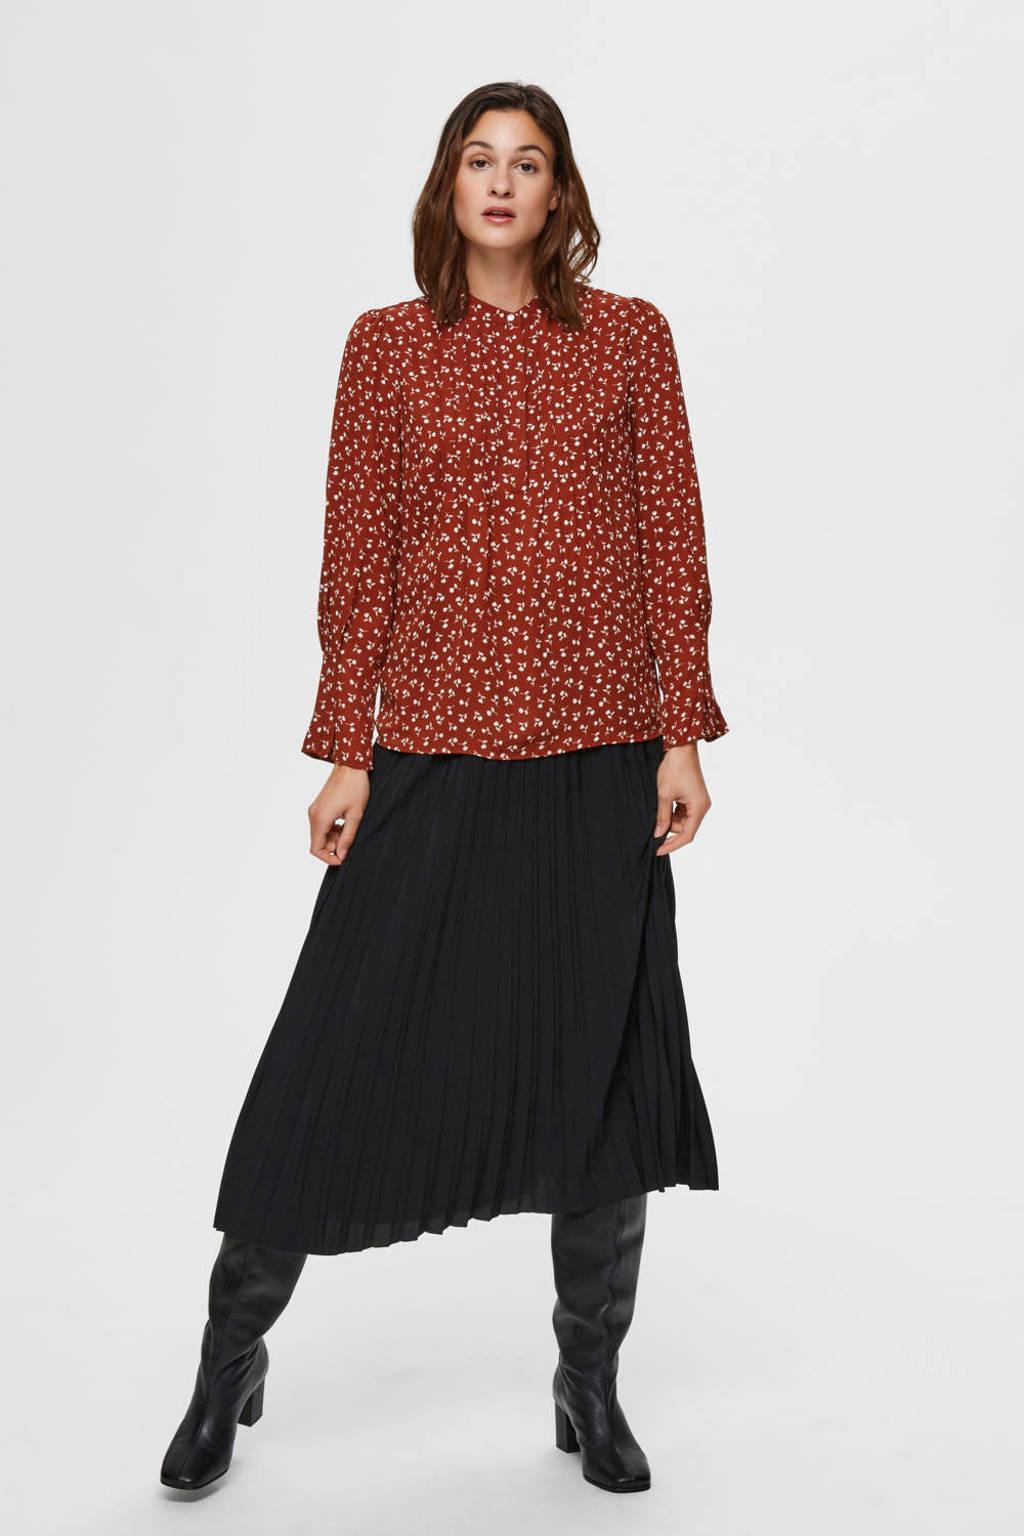 SELECTED FEMME blouse met all over print brique, Brique/wit